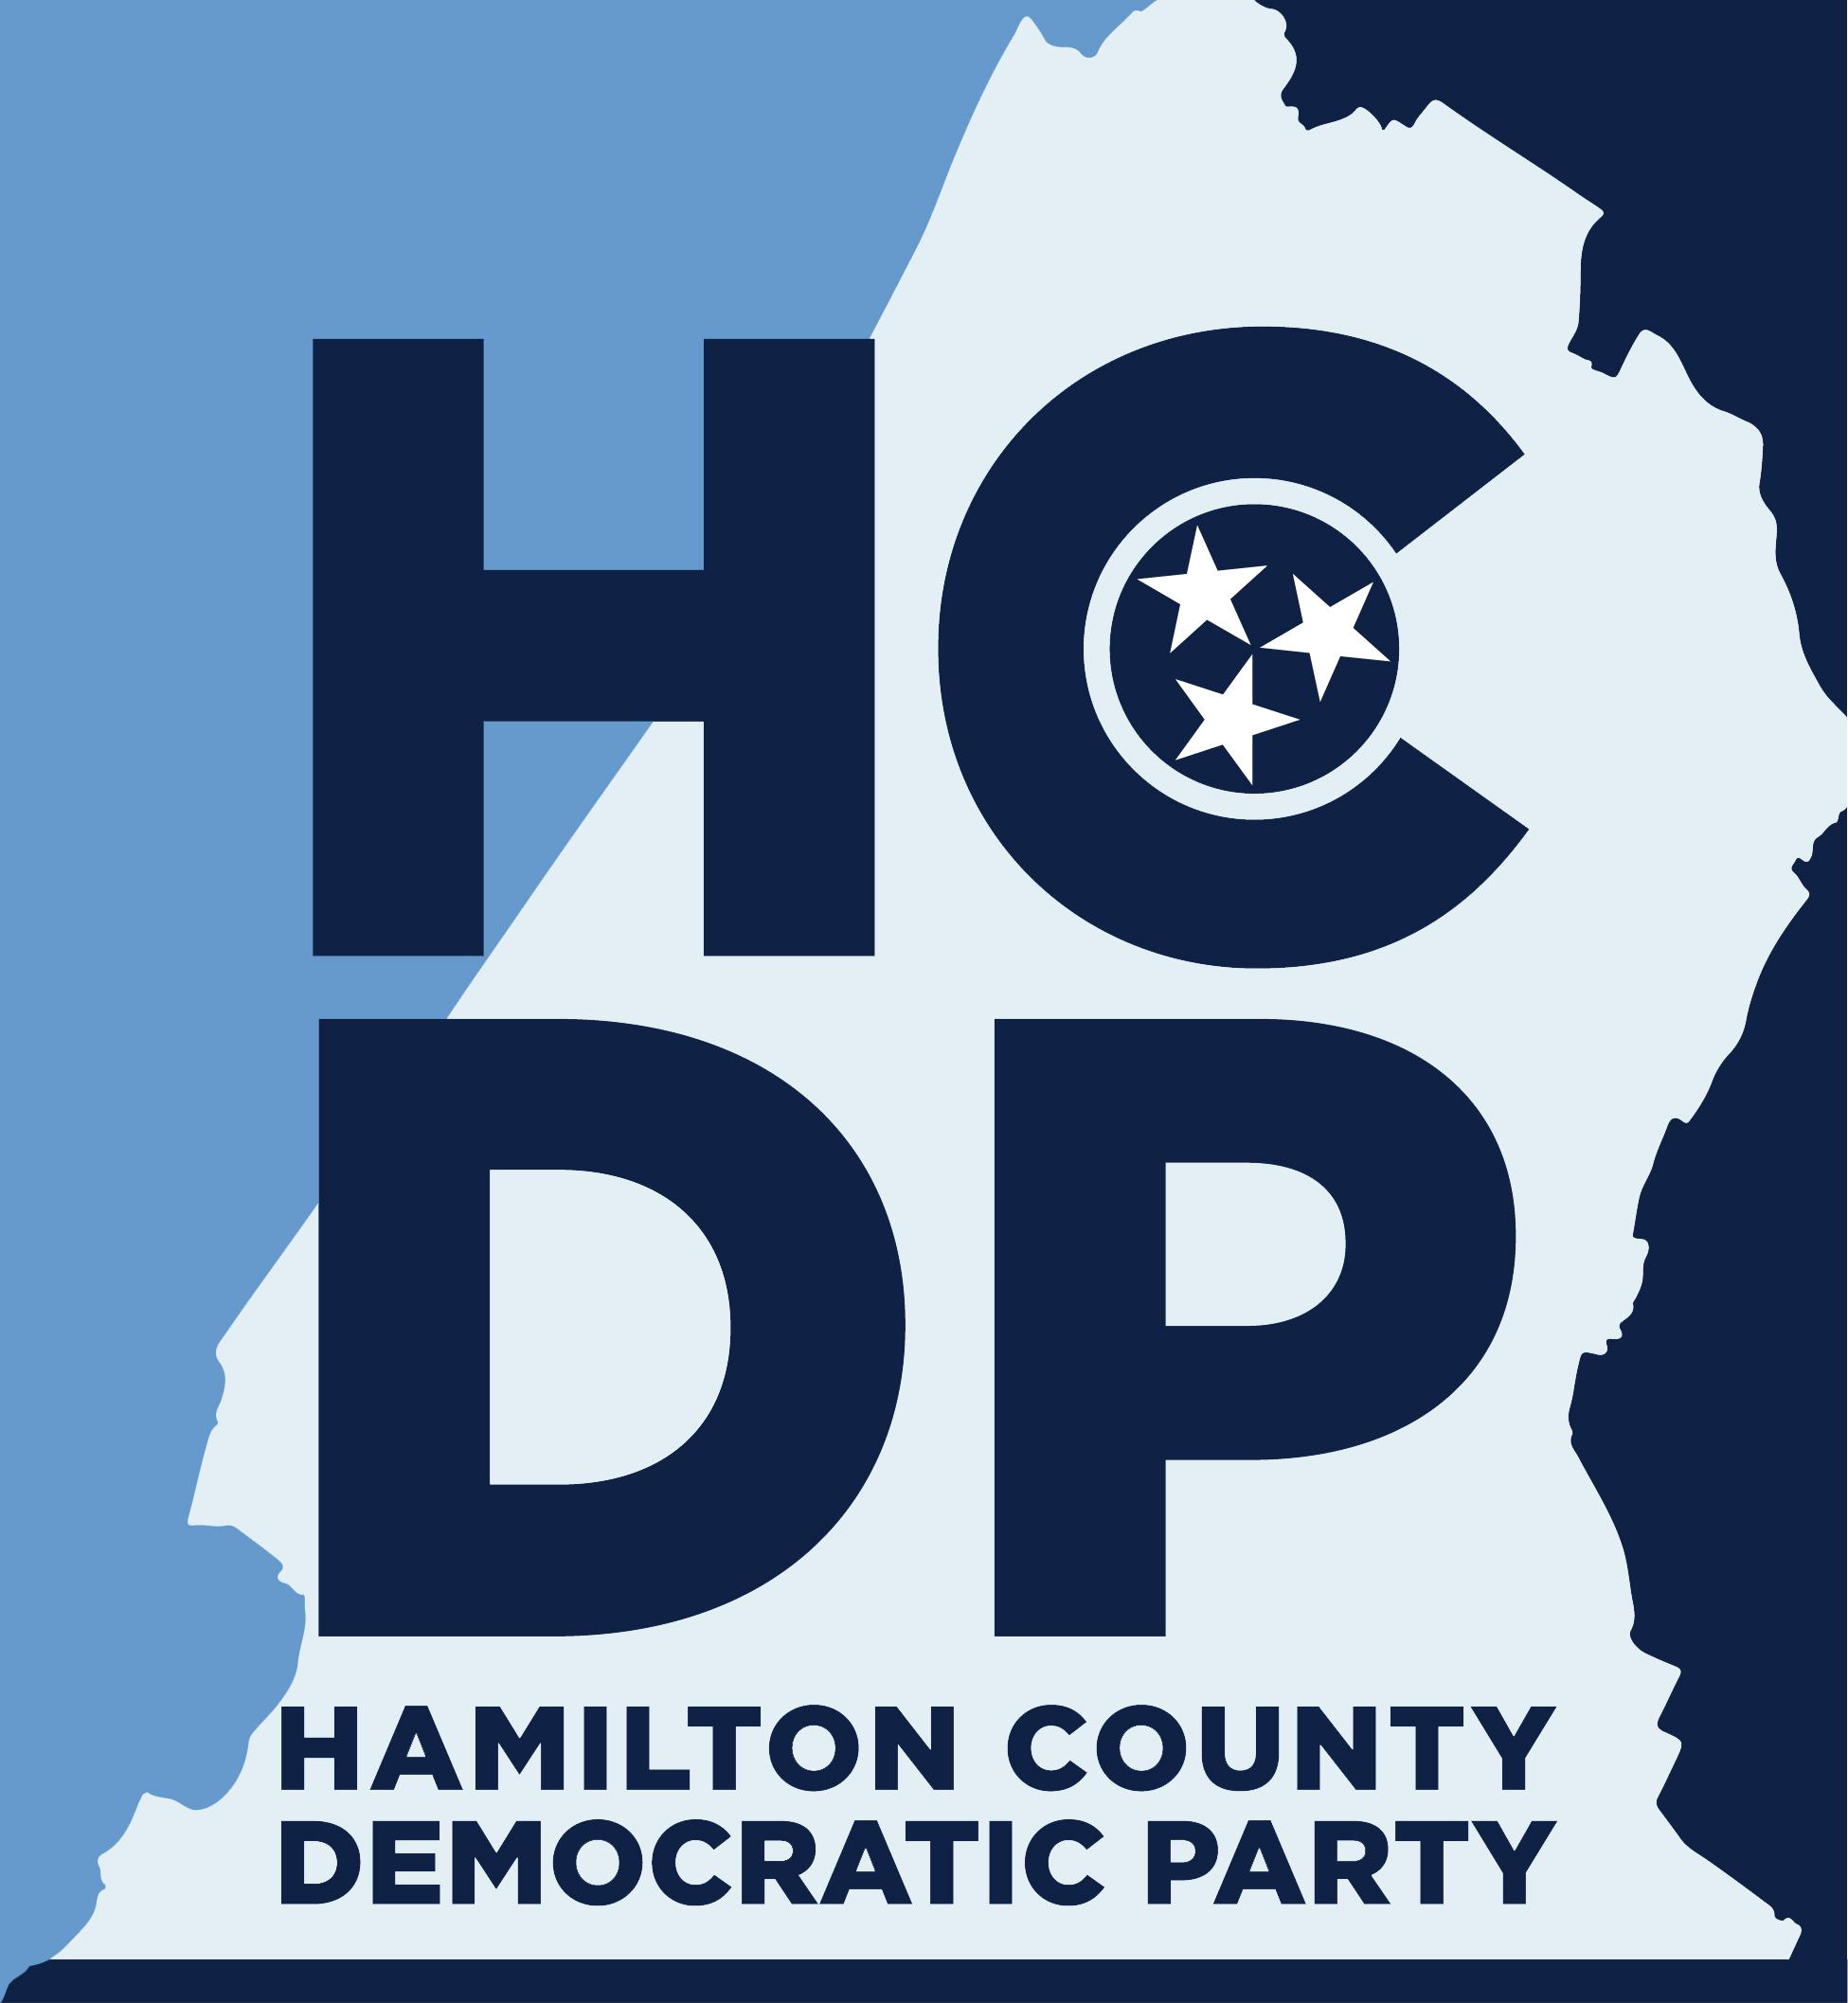 hamilton county democratic party